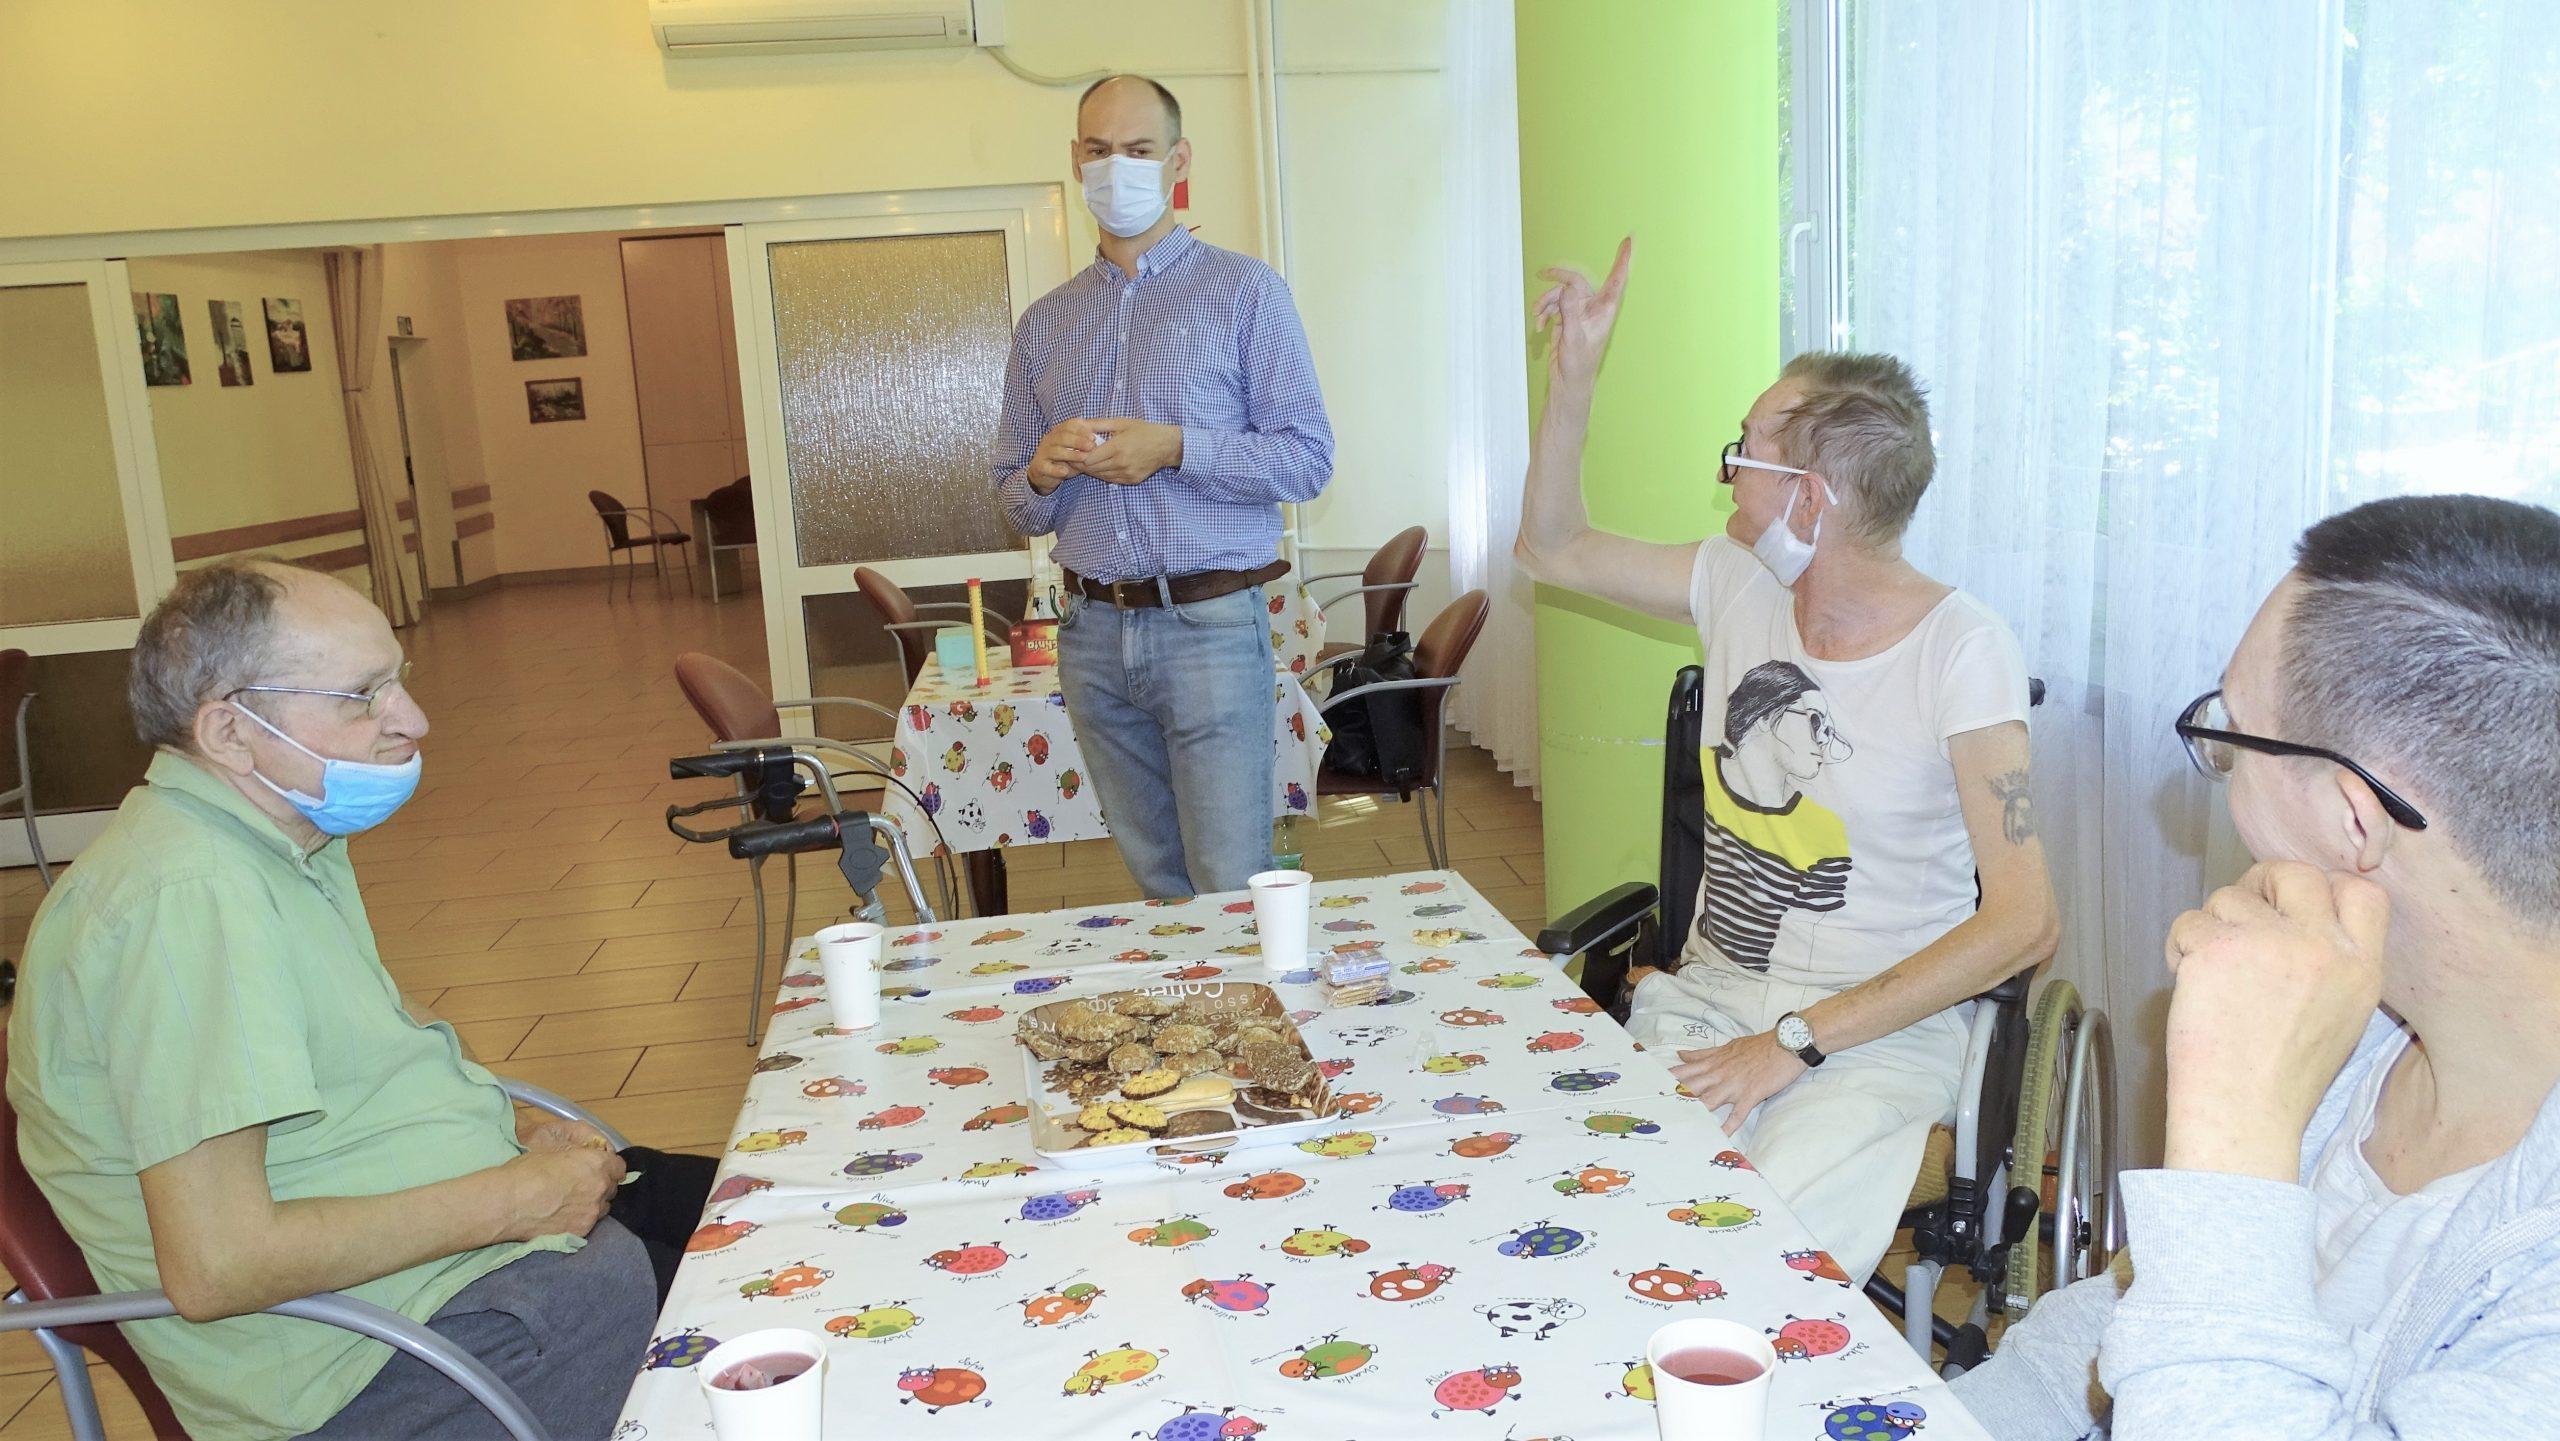 trzech mężczyzn siedzi przy stole, jeden z nich unosi rękę do góry. Obok mężczyzn stoi prowadzący warsztaty